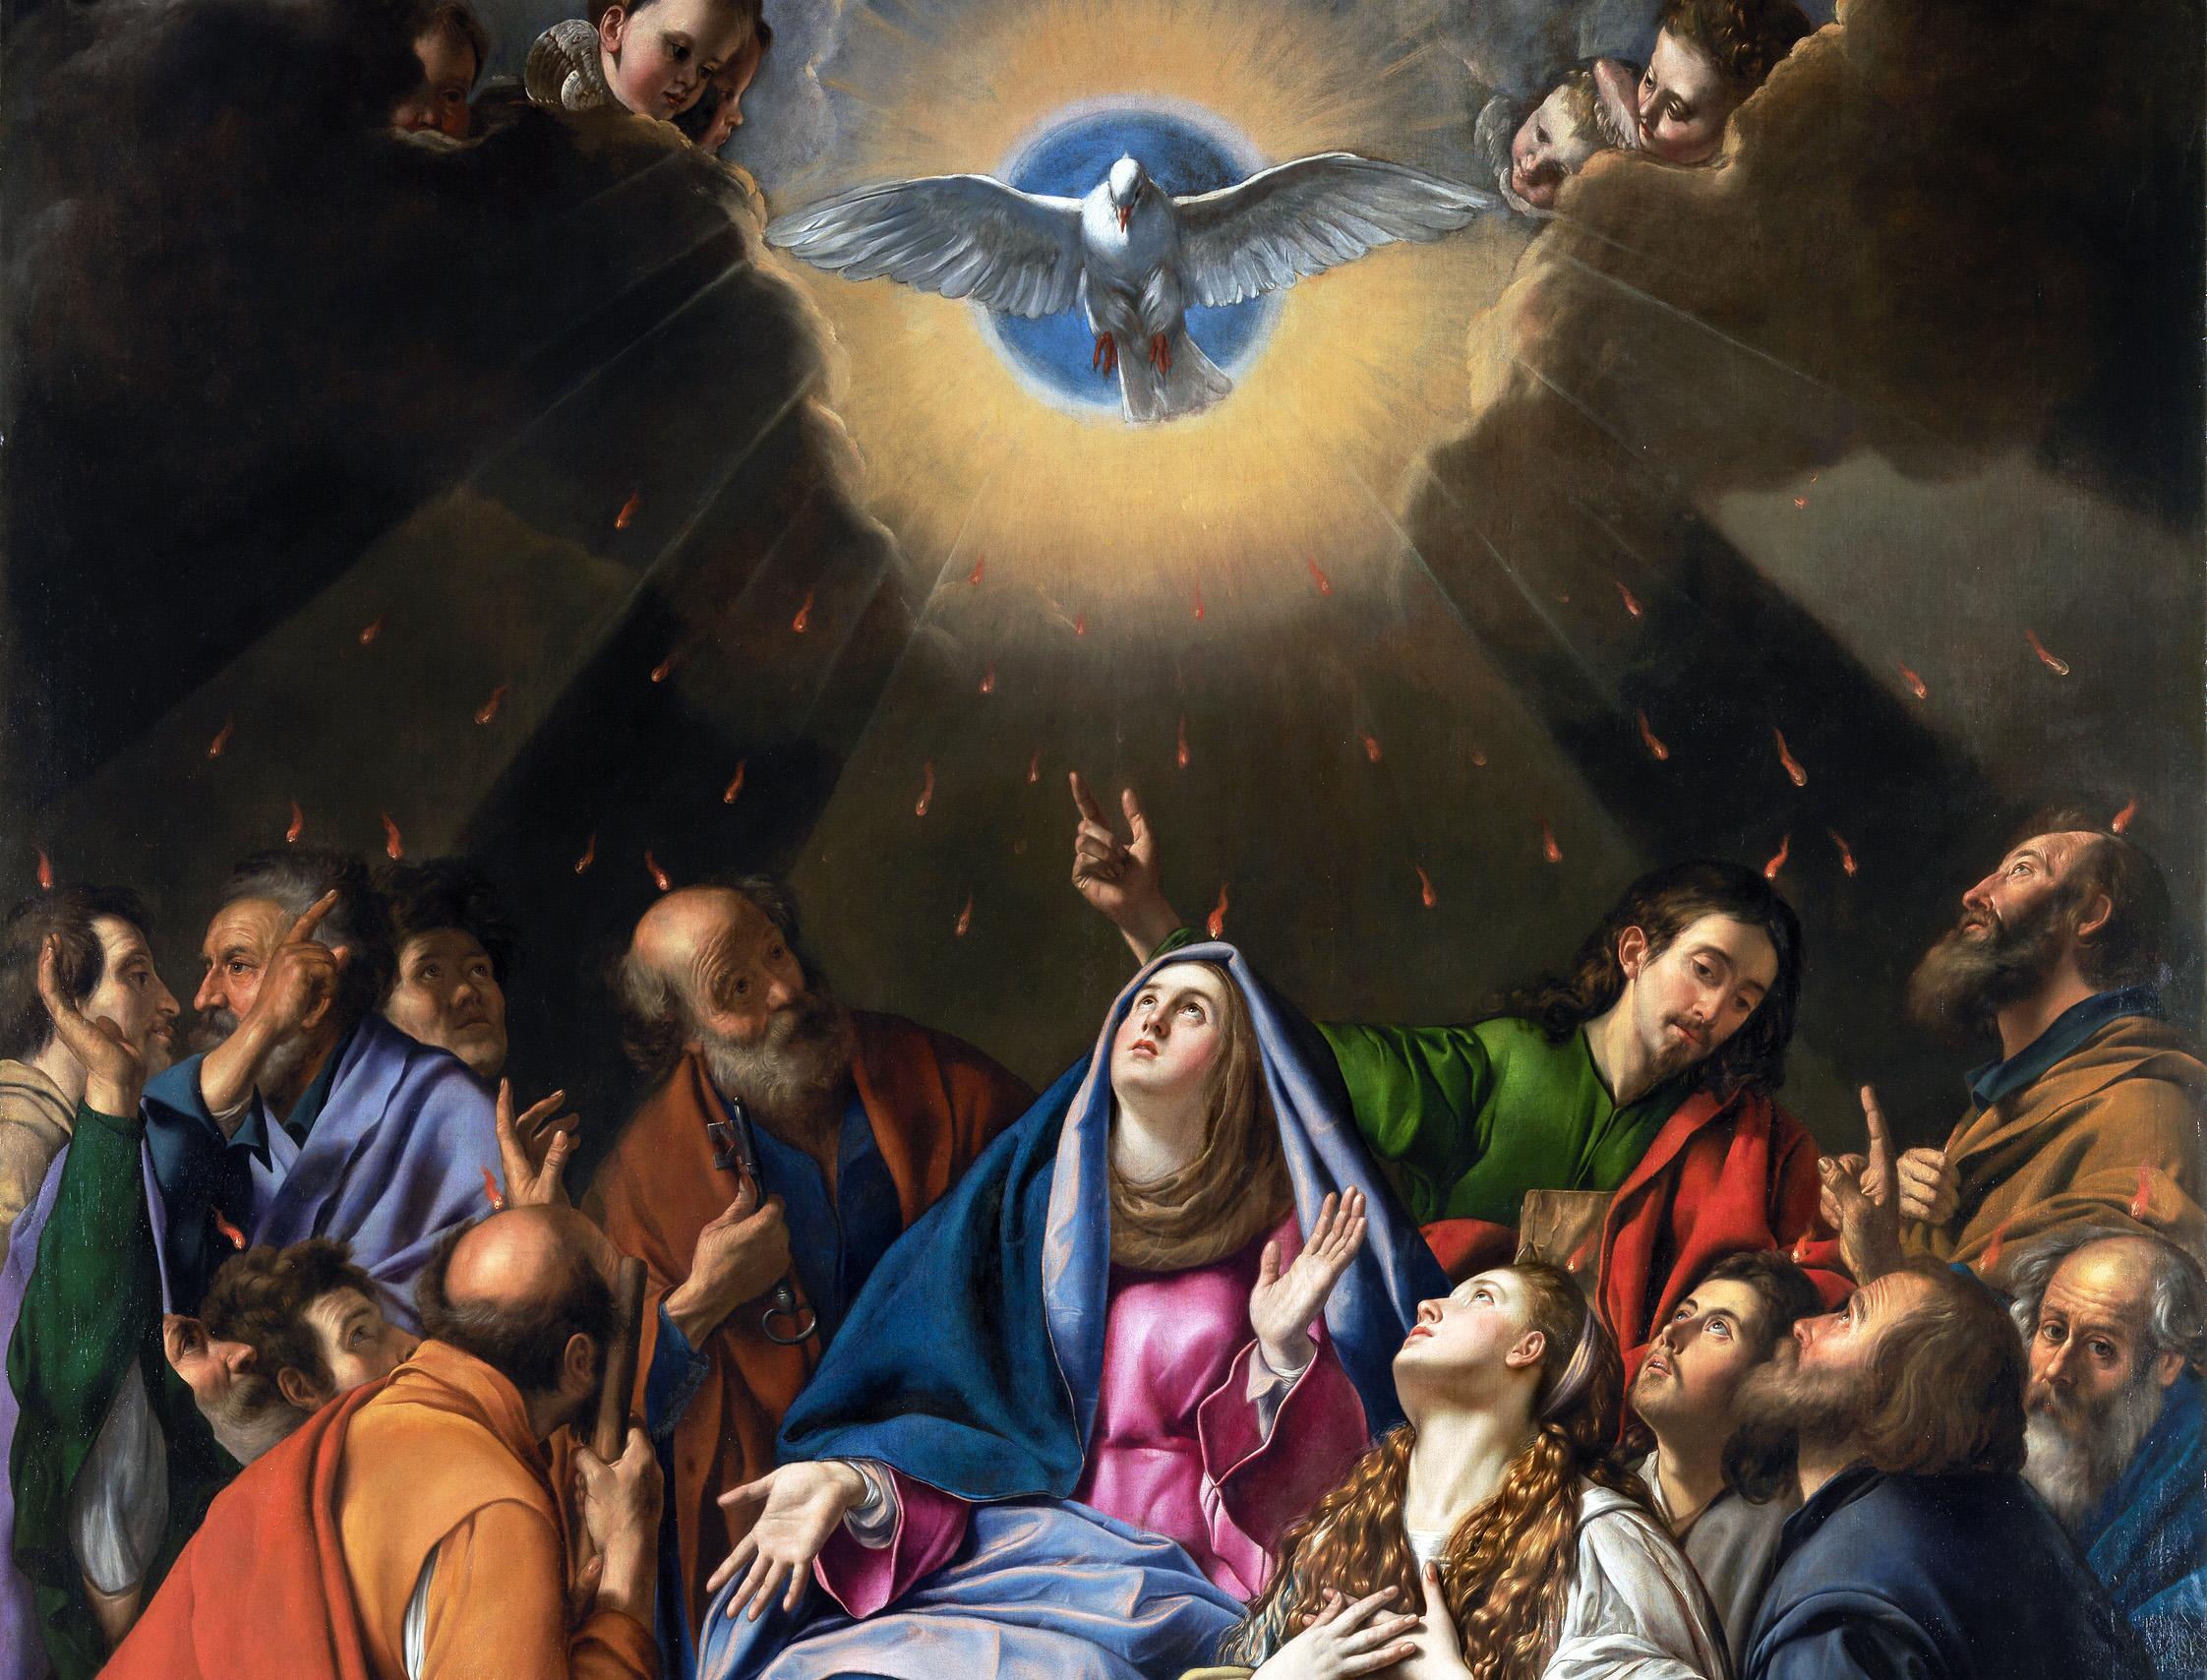 Samedi de la Pentecôte 2020 #Covid-19 : Chapelet avec le Pape et Veillée à l'Esprit Saint